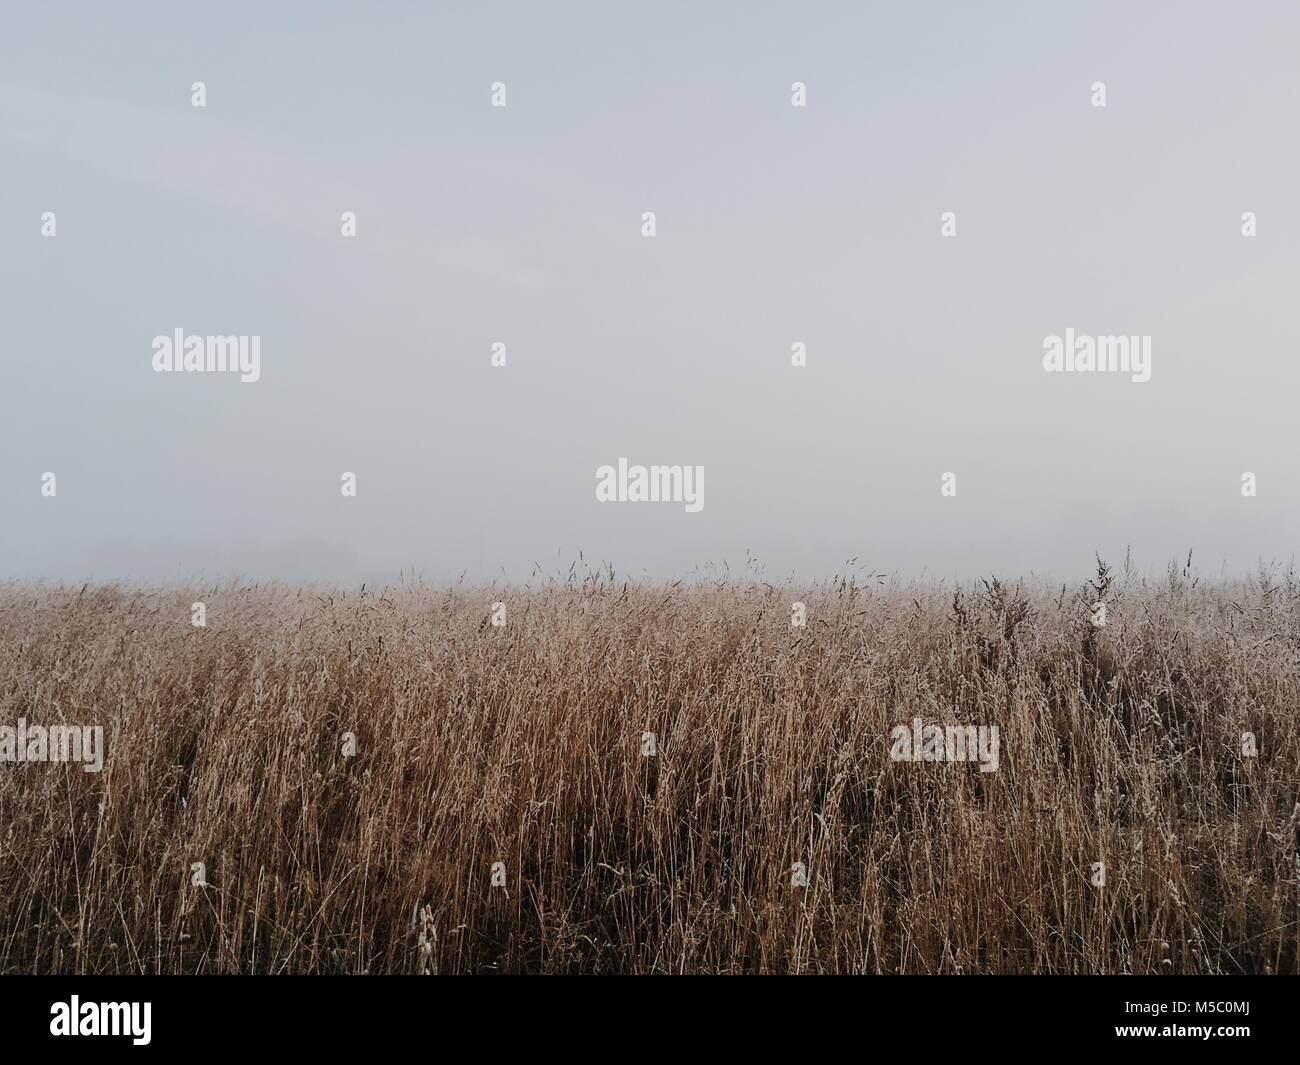 Weiß nichts hinter dem Weizenfeld. Harter herbst Szene mit Nebel. Stockbild